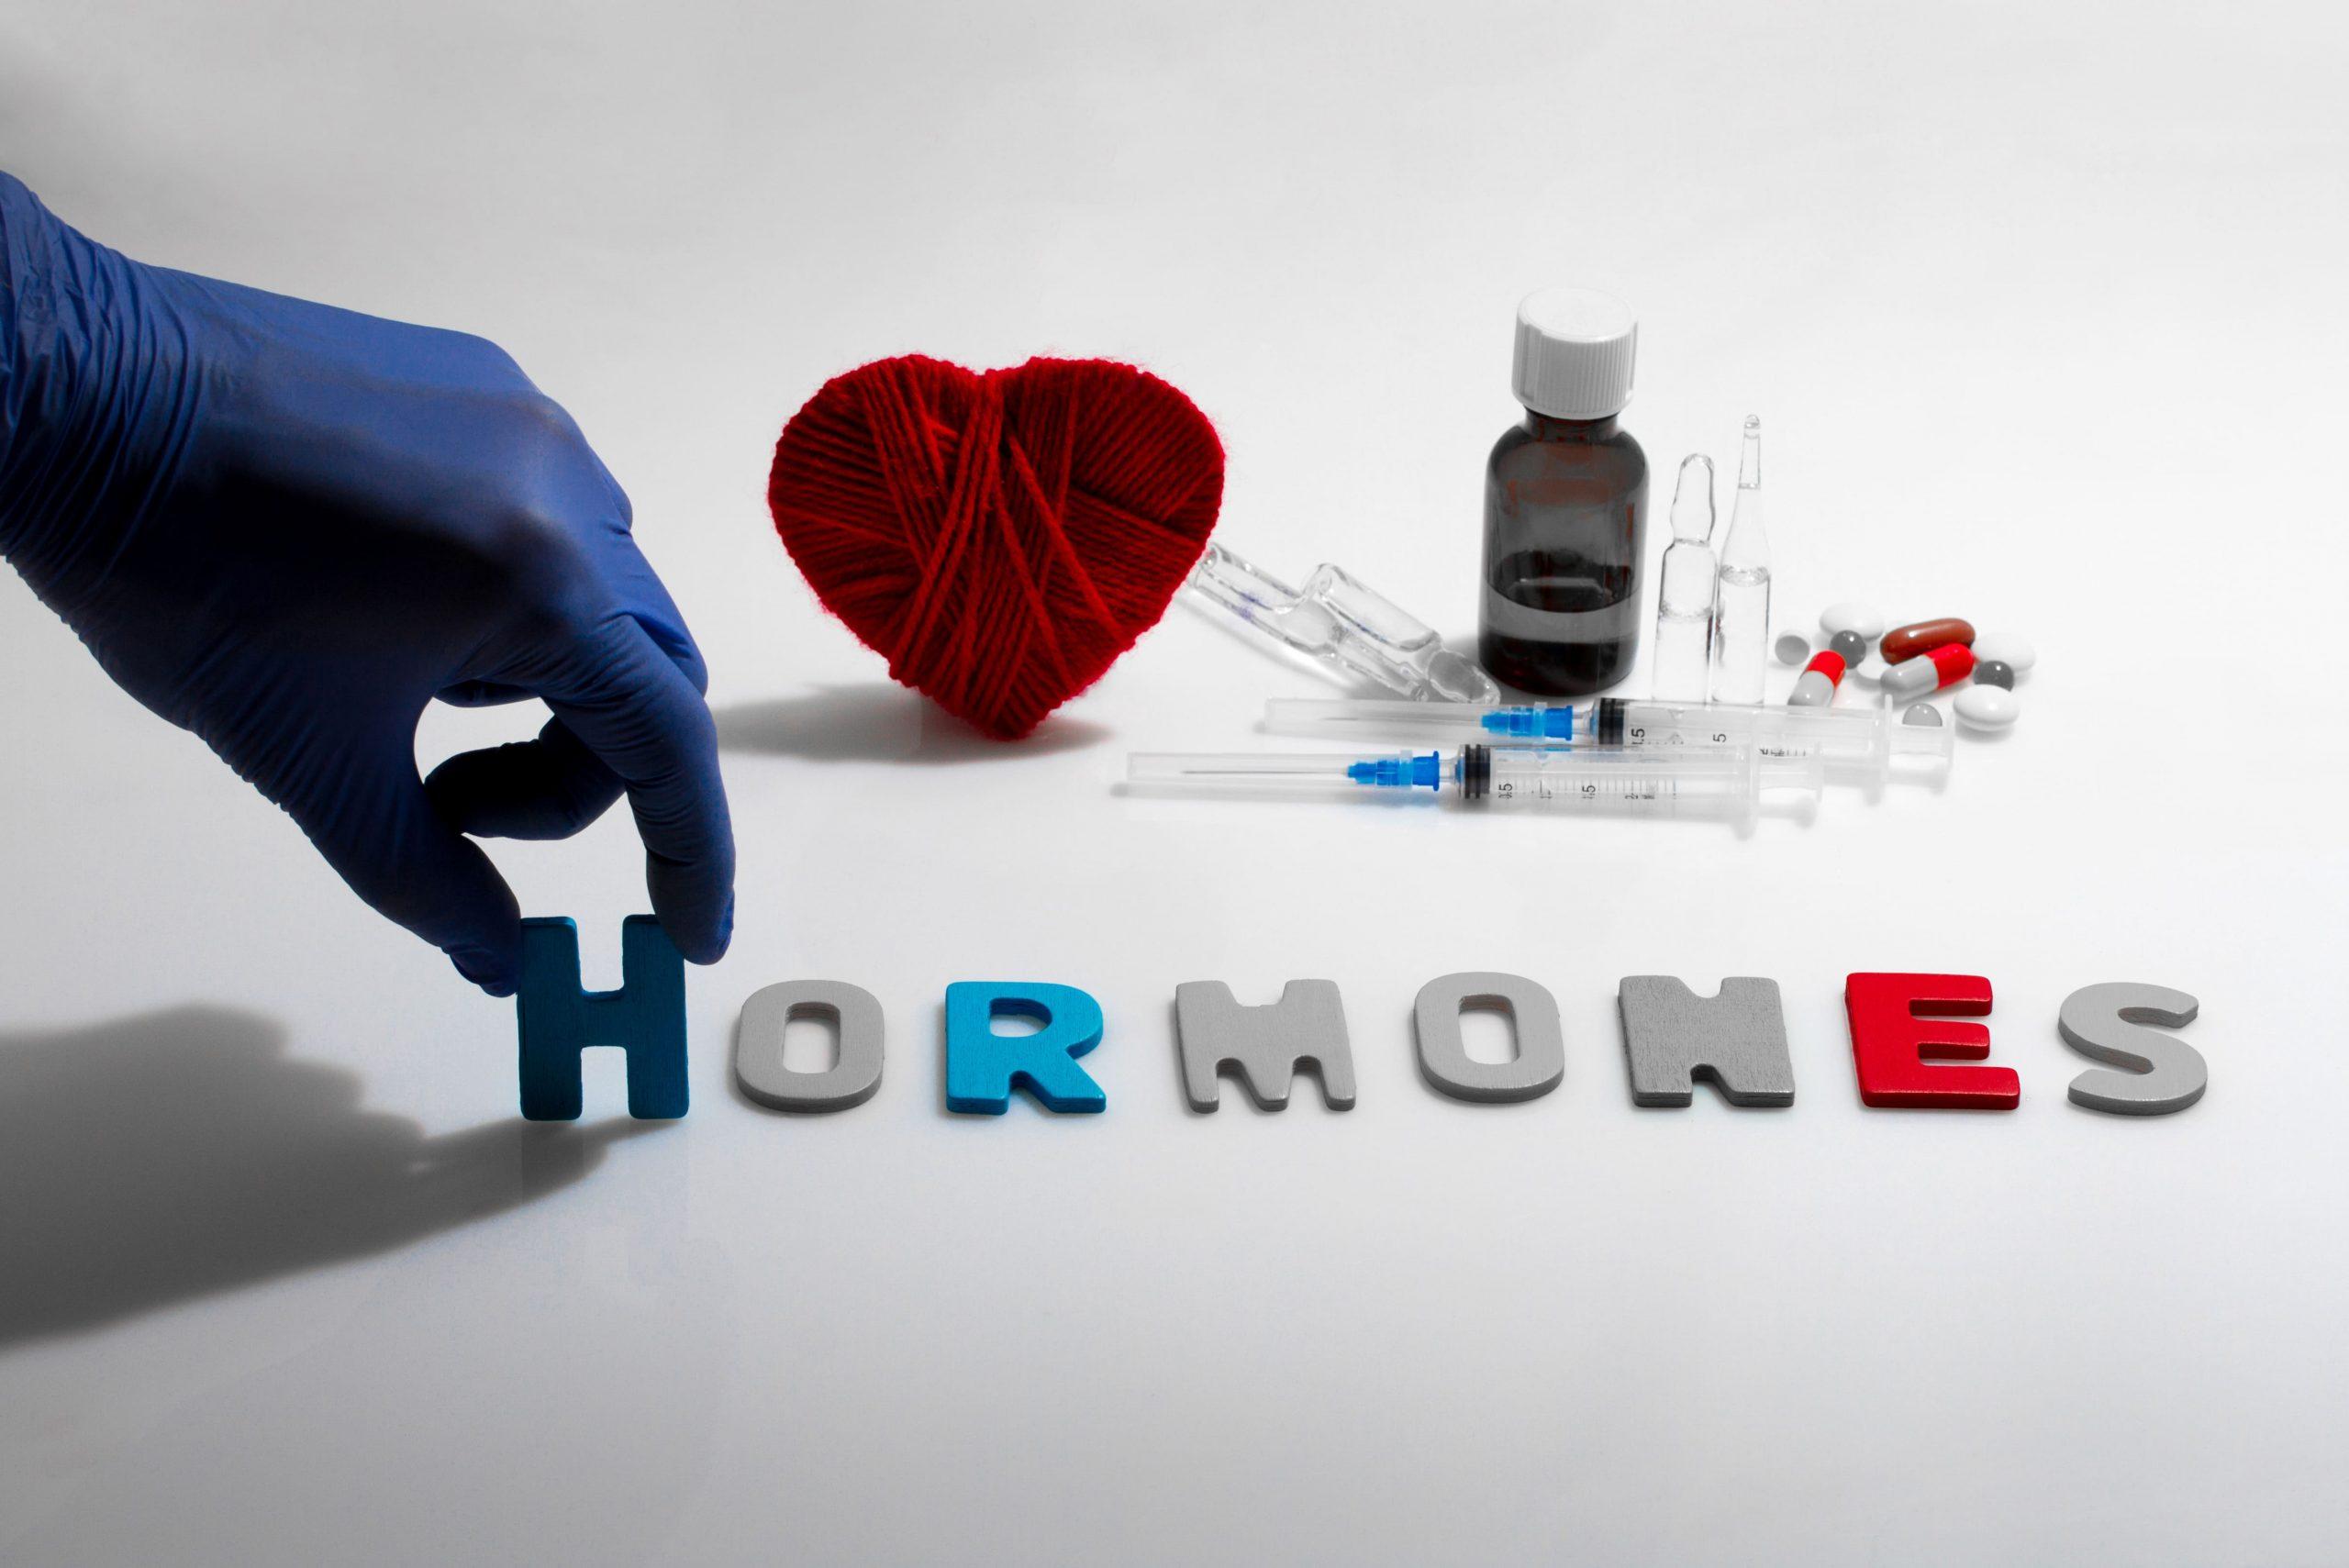 How Do Hormones Work?